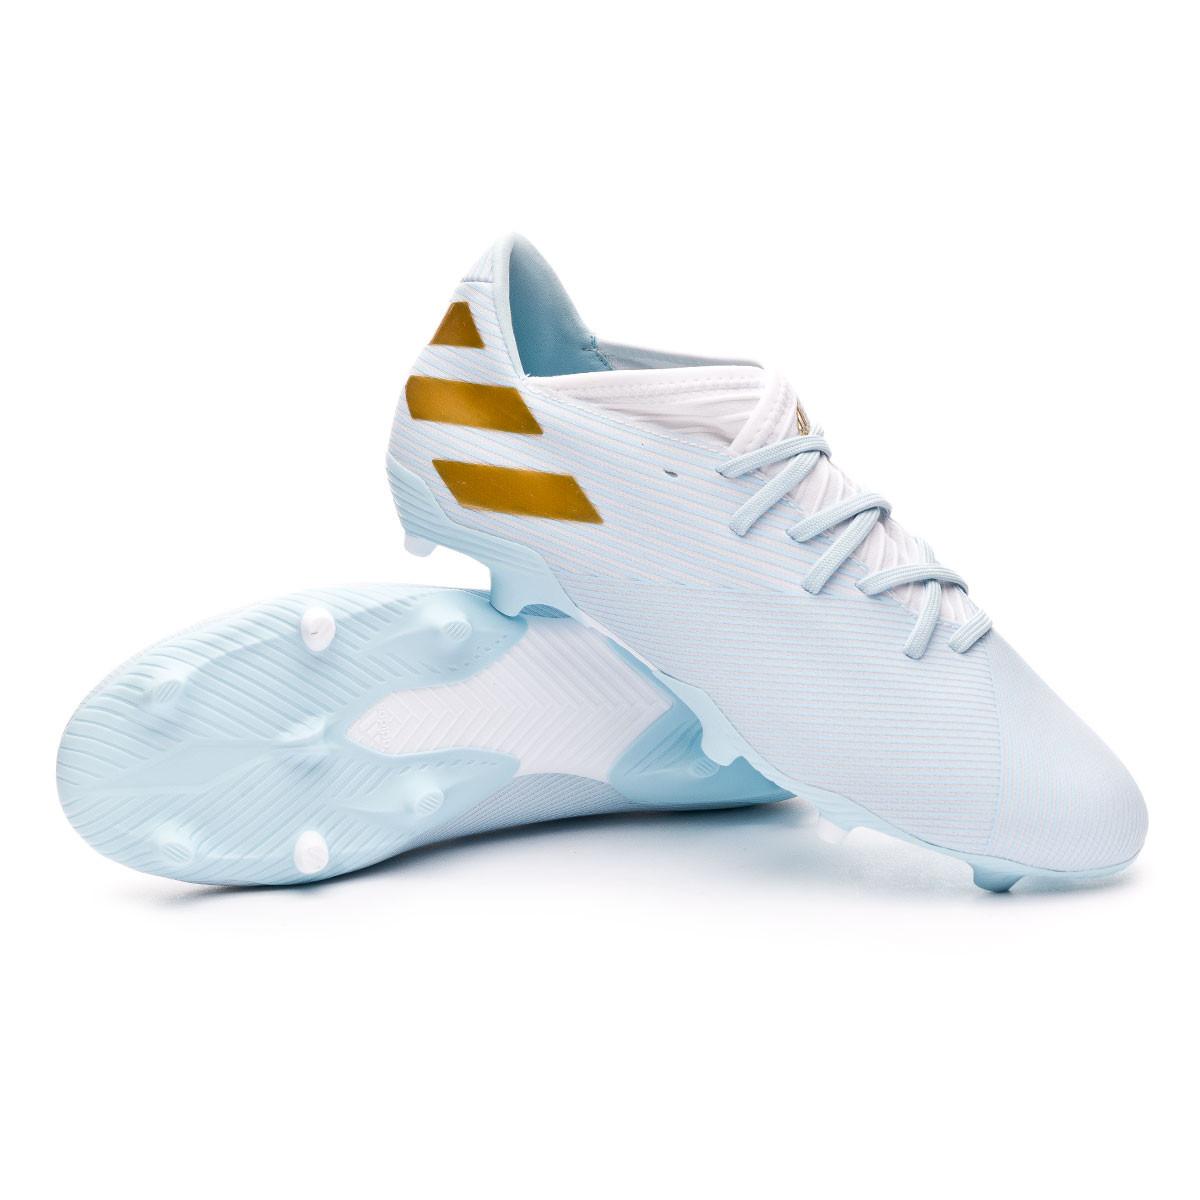 venta precios grandiosos varios estilos Zapatos de fútbol adidas Nemeziz Messi 19.3 FG 15 Years